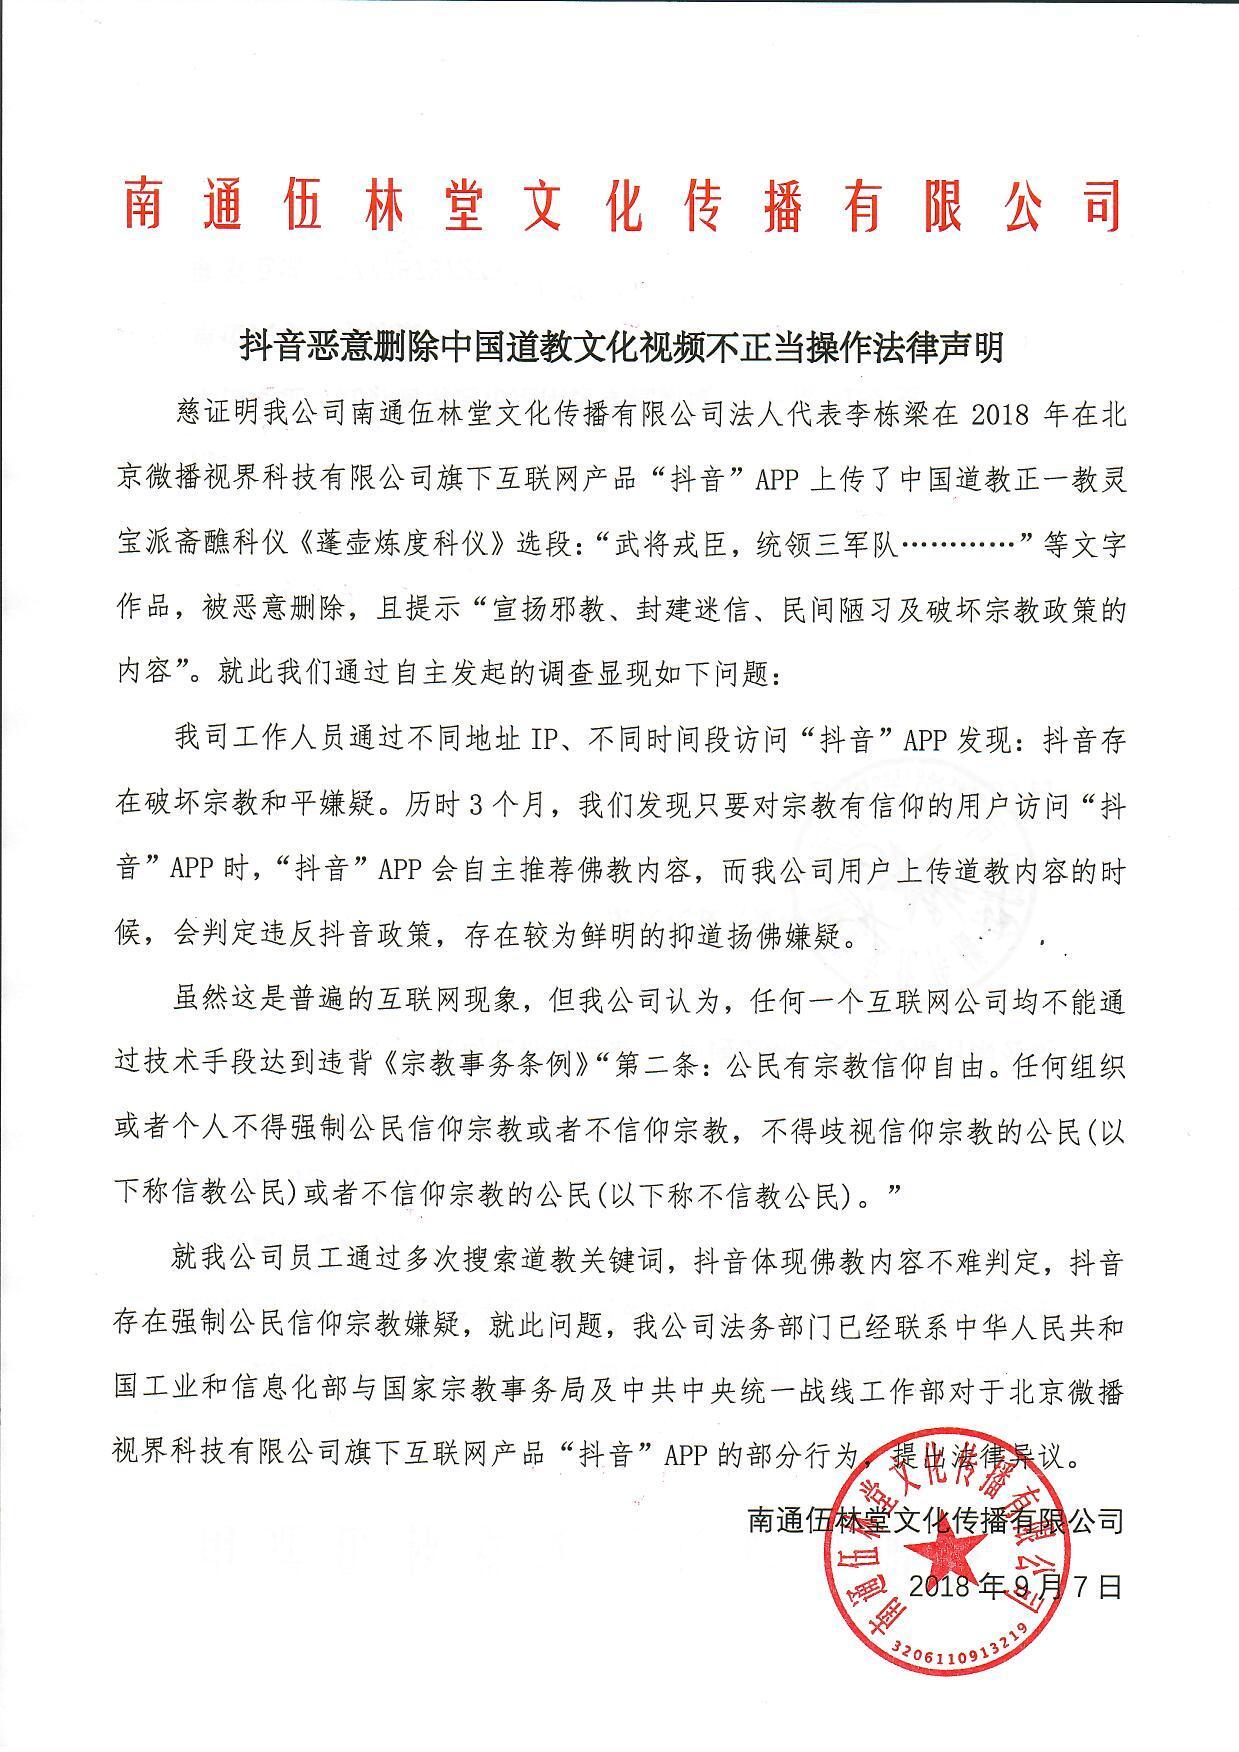 抖音恶意删除中国道教文化视频不正当操作法律声明